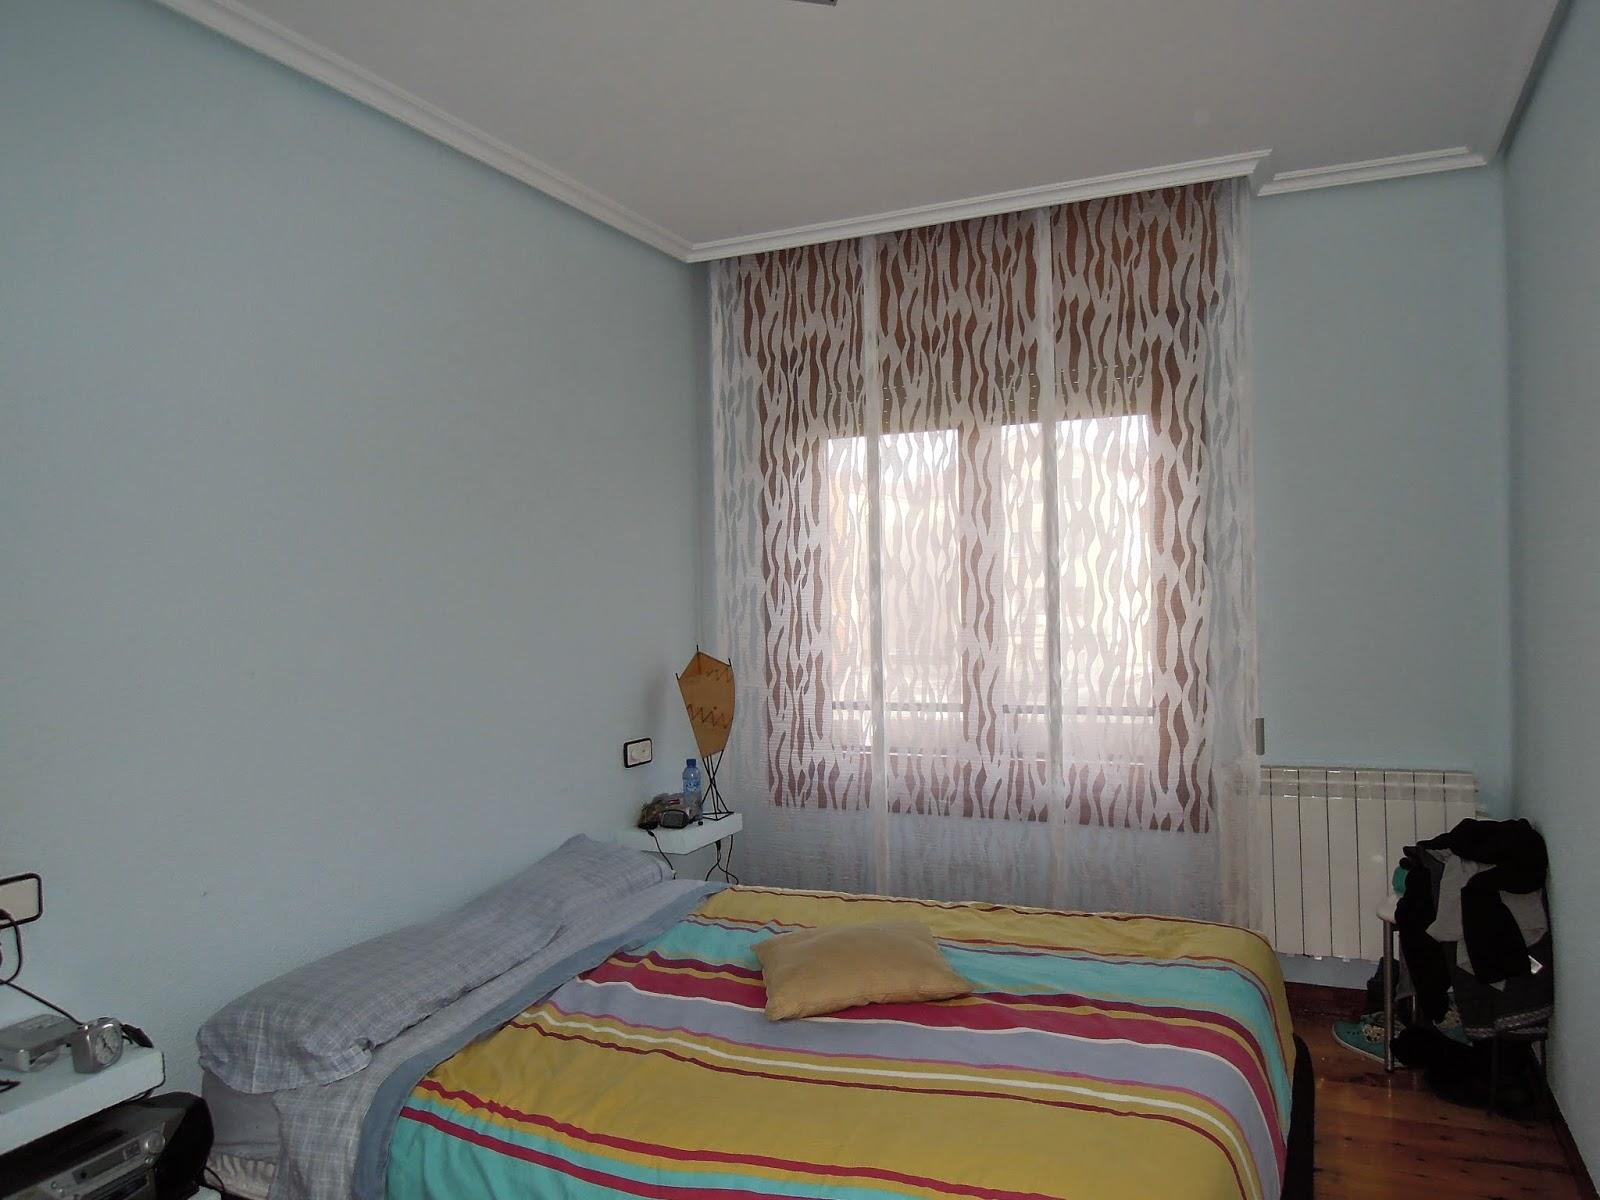 Fotos de cortinas dormitorio principal 2016 for Cortinas para dormitorio principal